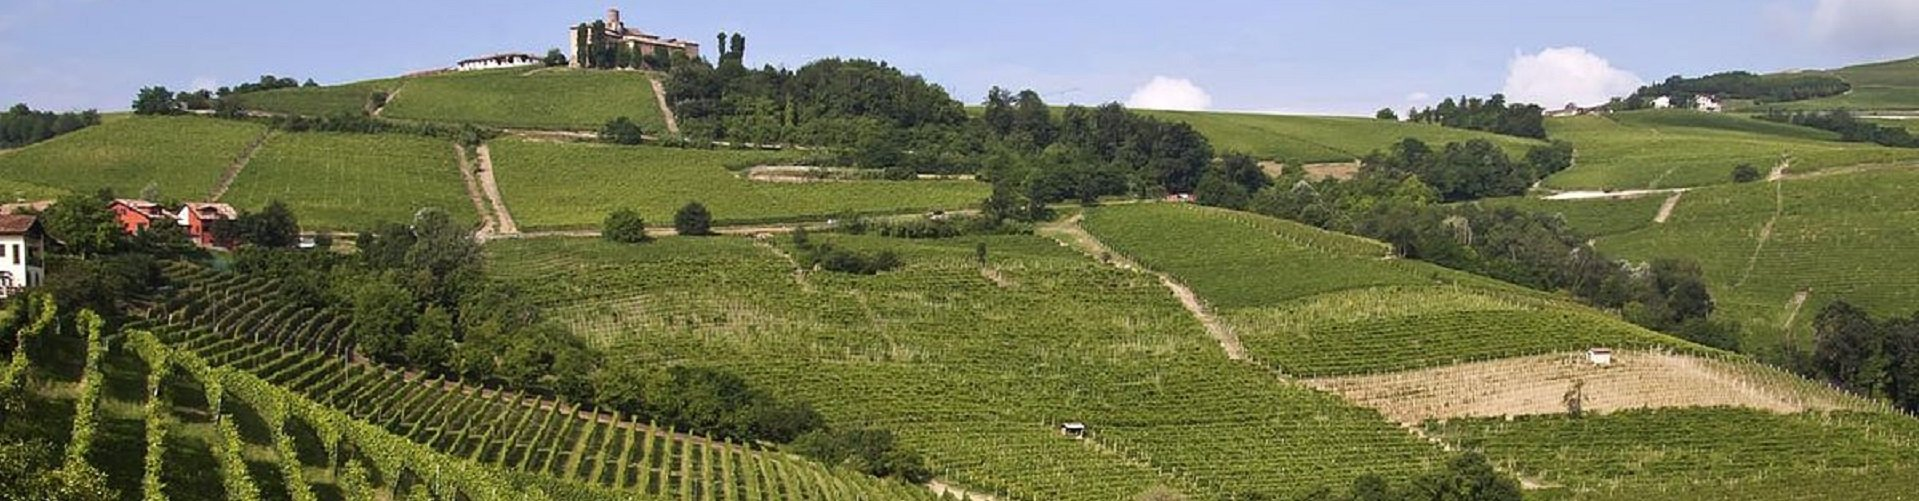 Bannerfoto regio Piemonte